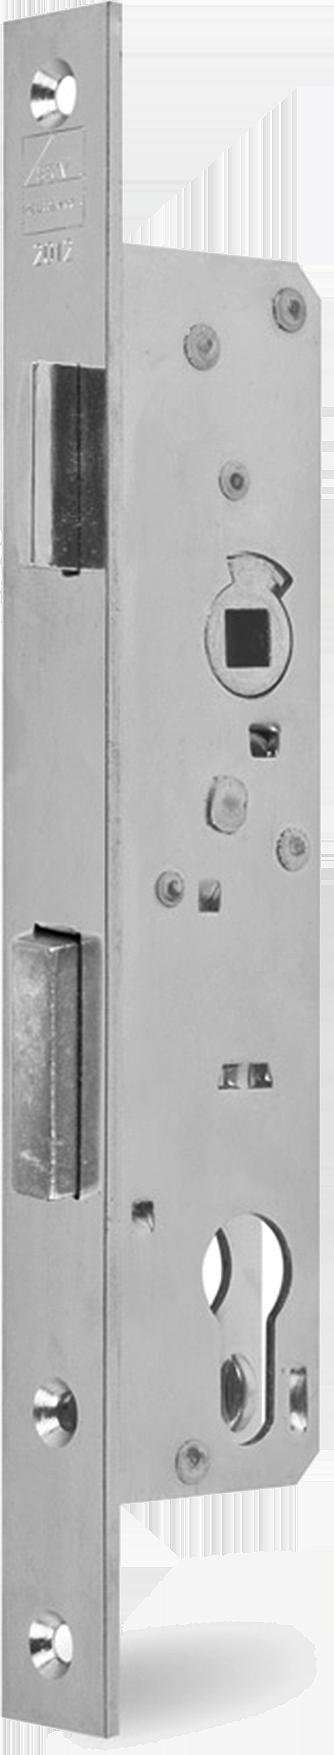 Einsteckschloss 24 Dorn, Falle und Riegel 5 mm vorstehend, DIN rechts